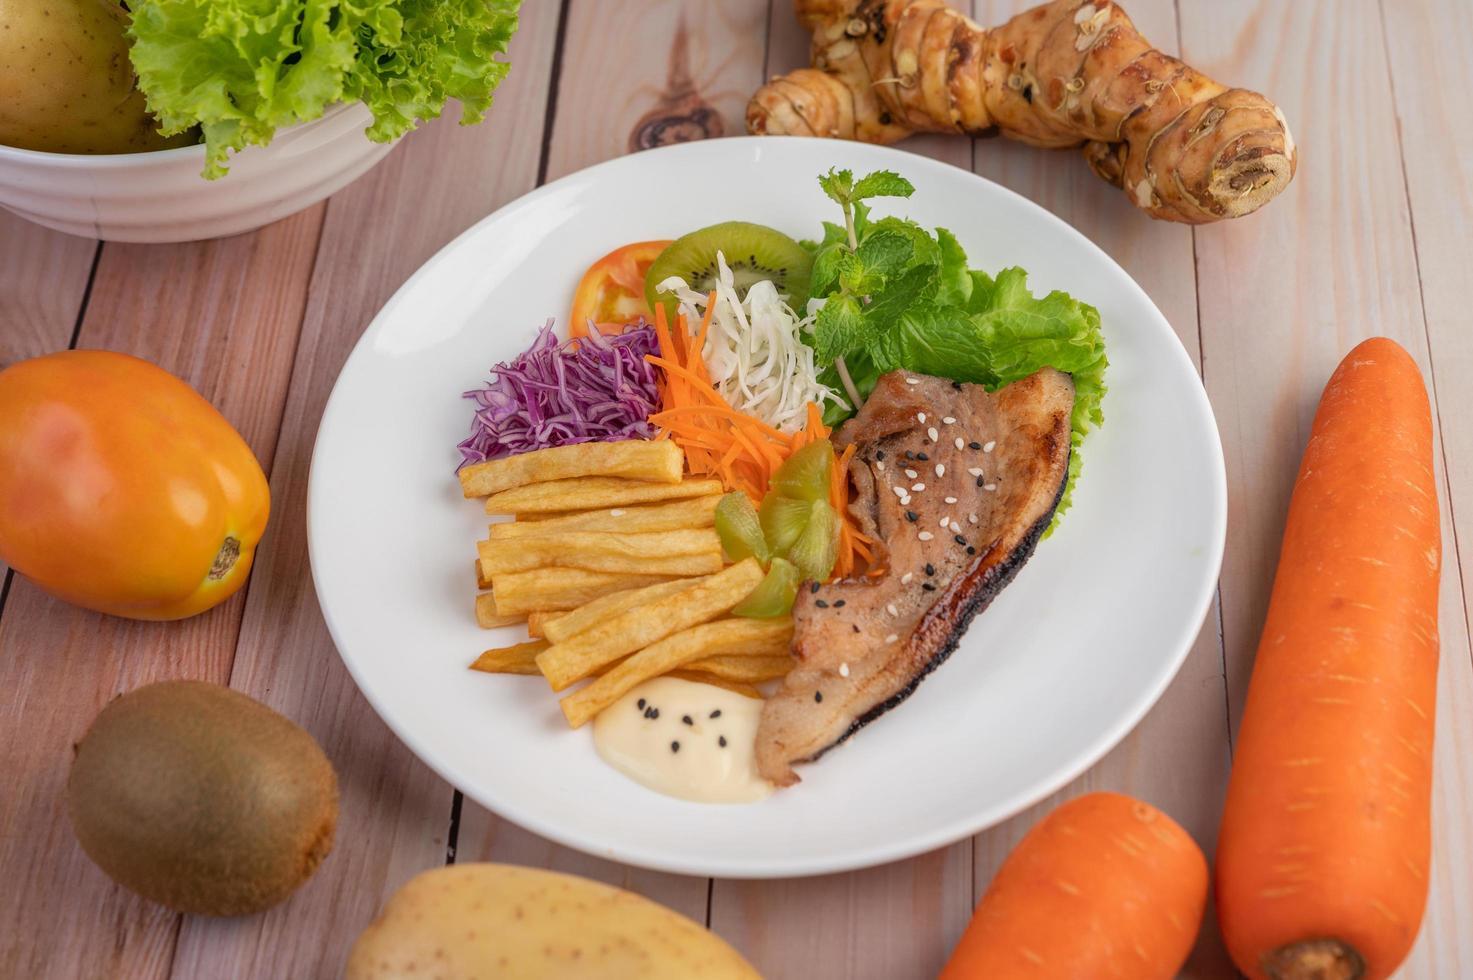 pescado con papas fritas y ensalada foto